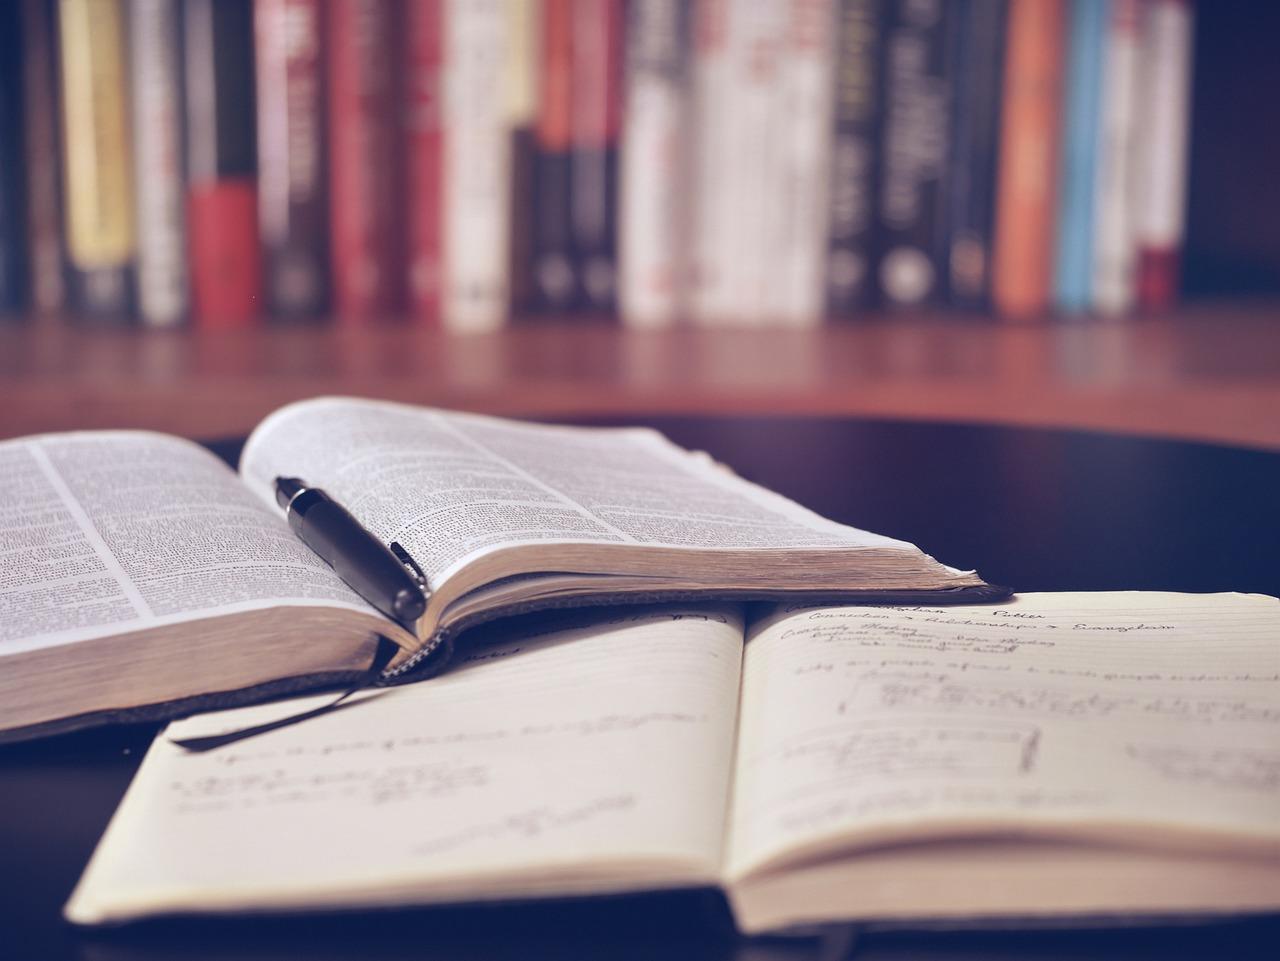 Studiekeuze: Ik koos voor de PABO